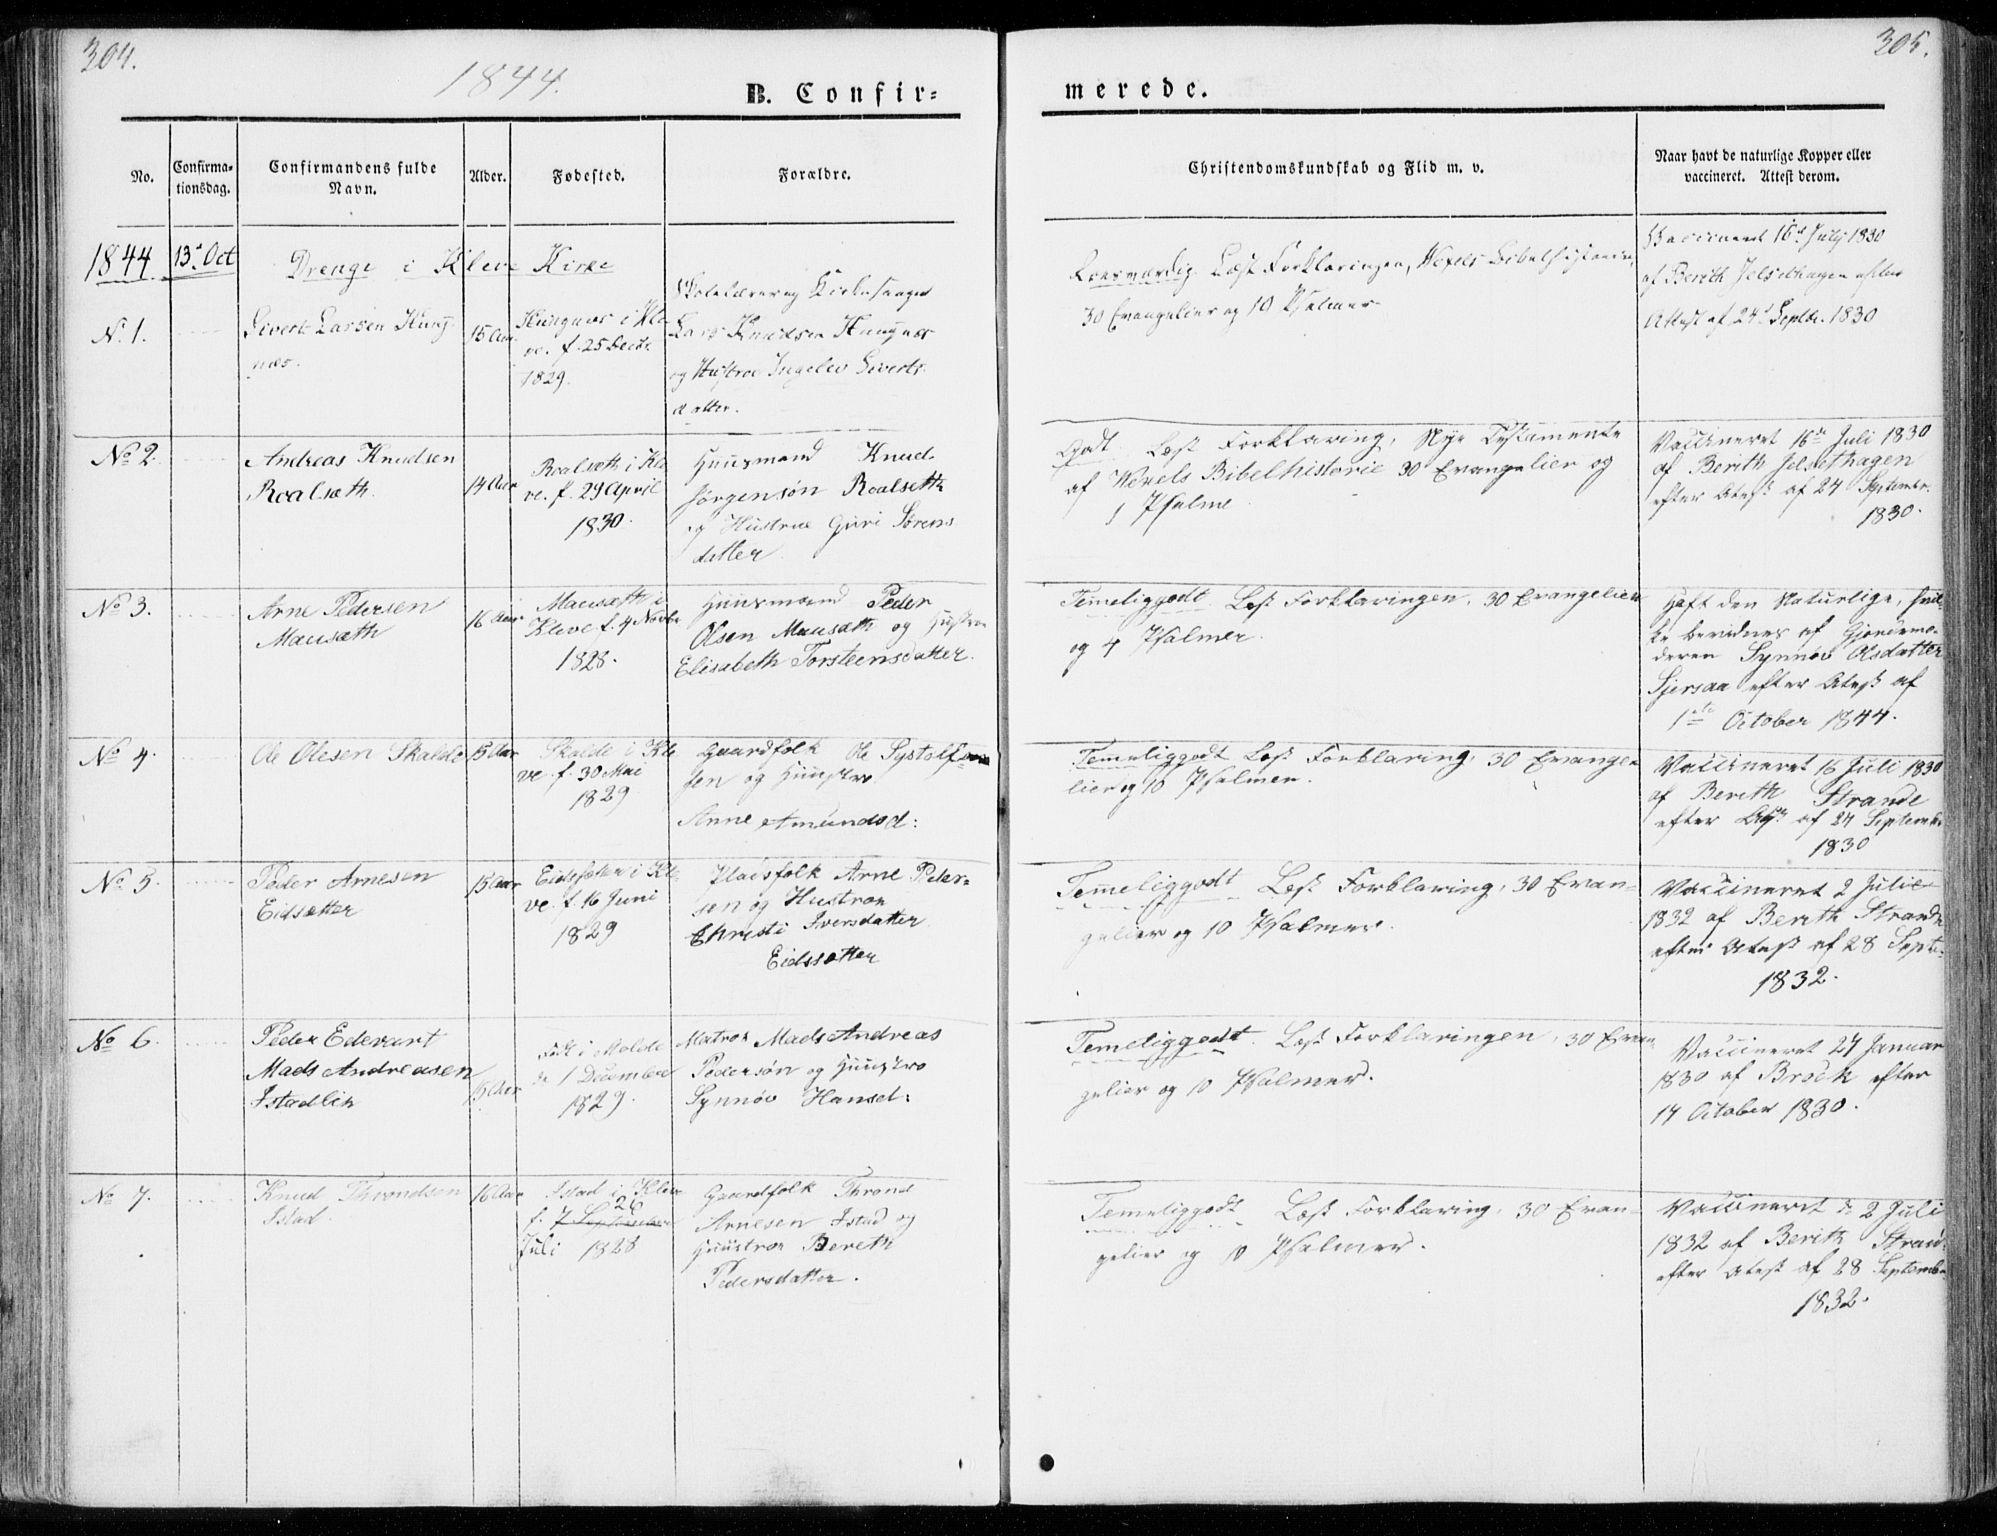 SAT, Ministerialprotokoller, klokkerbøker og fødselsregistre - Møre og Romsdal, 557/L0680: Ministerialbok nr. 557A02, 1843-1869, s. 304-305